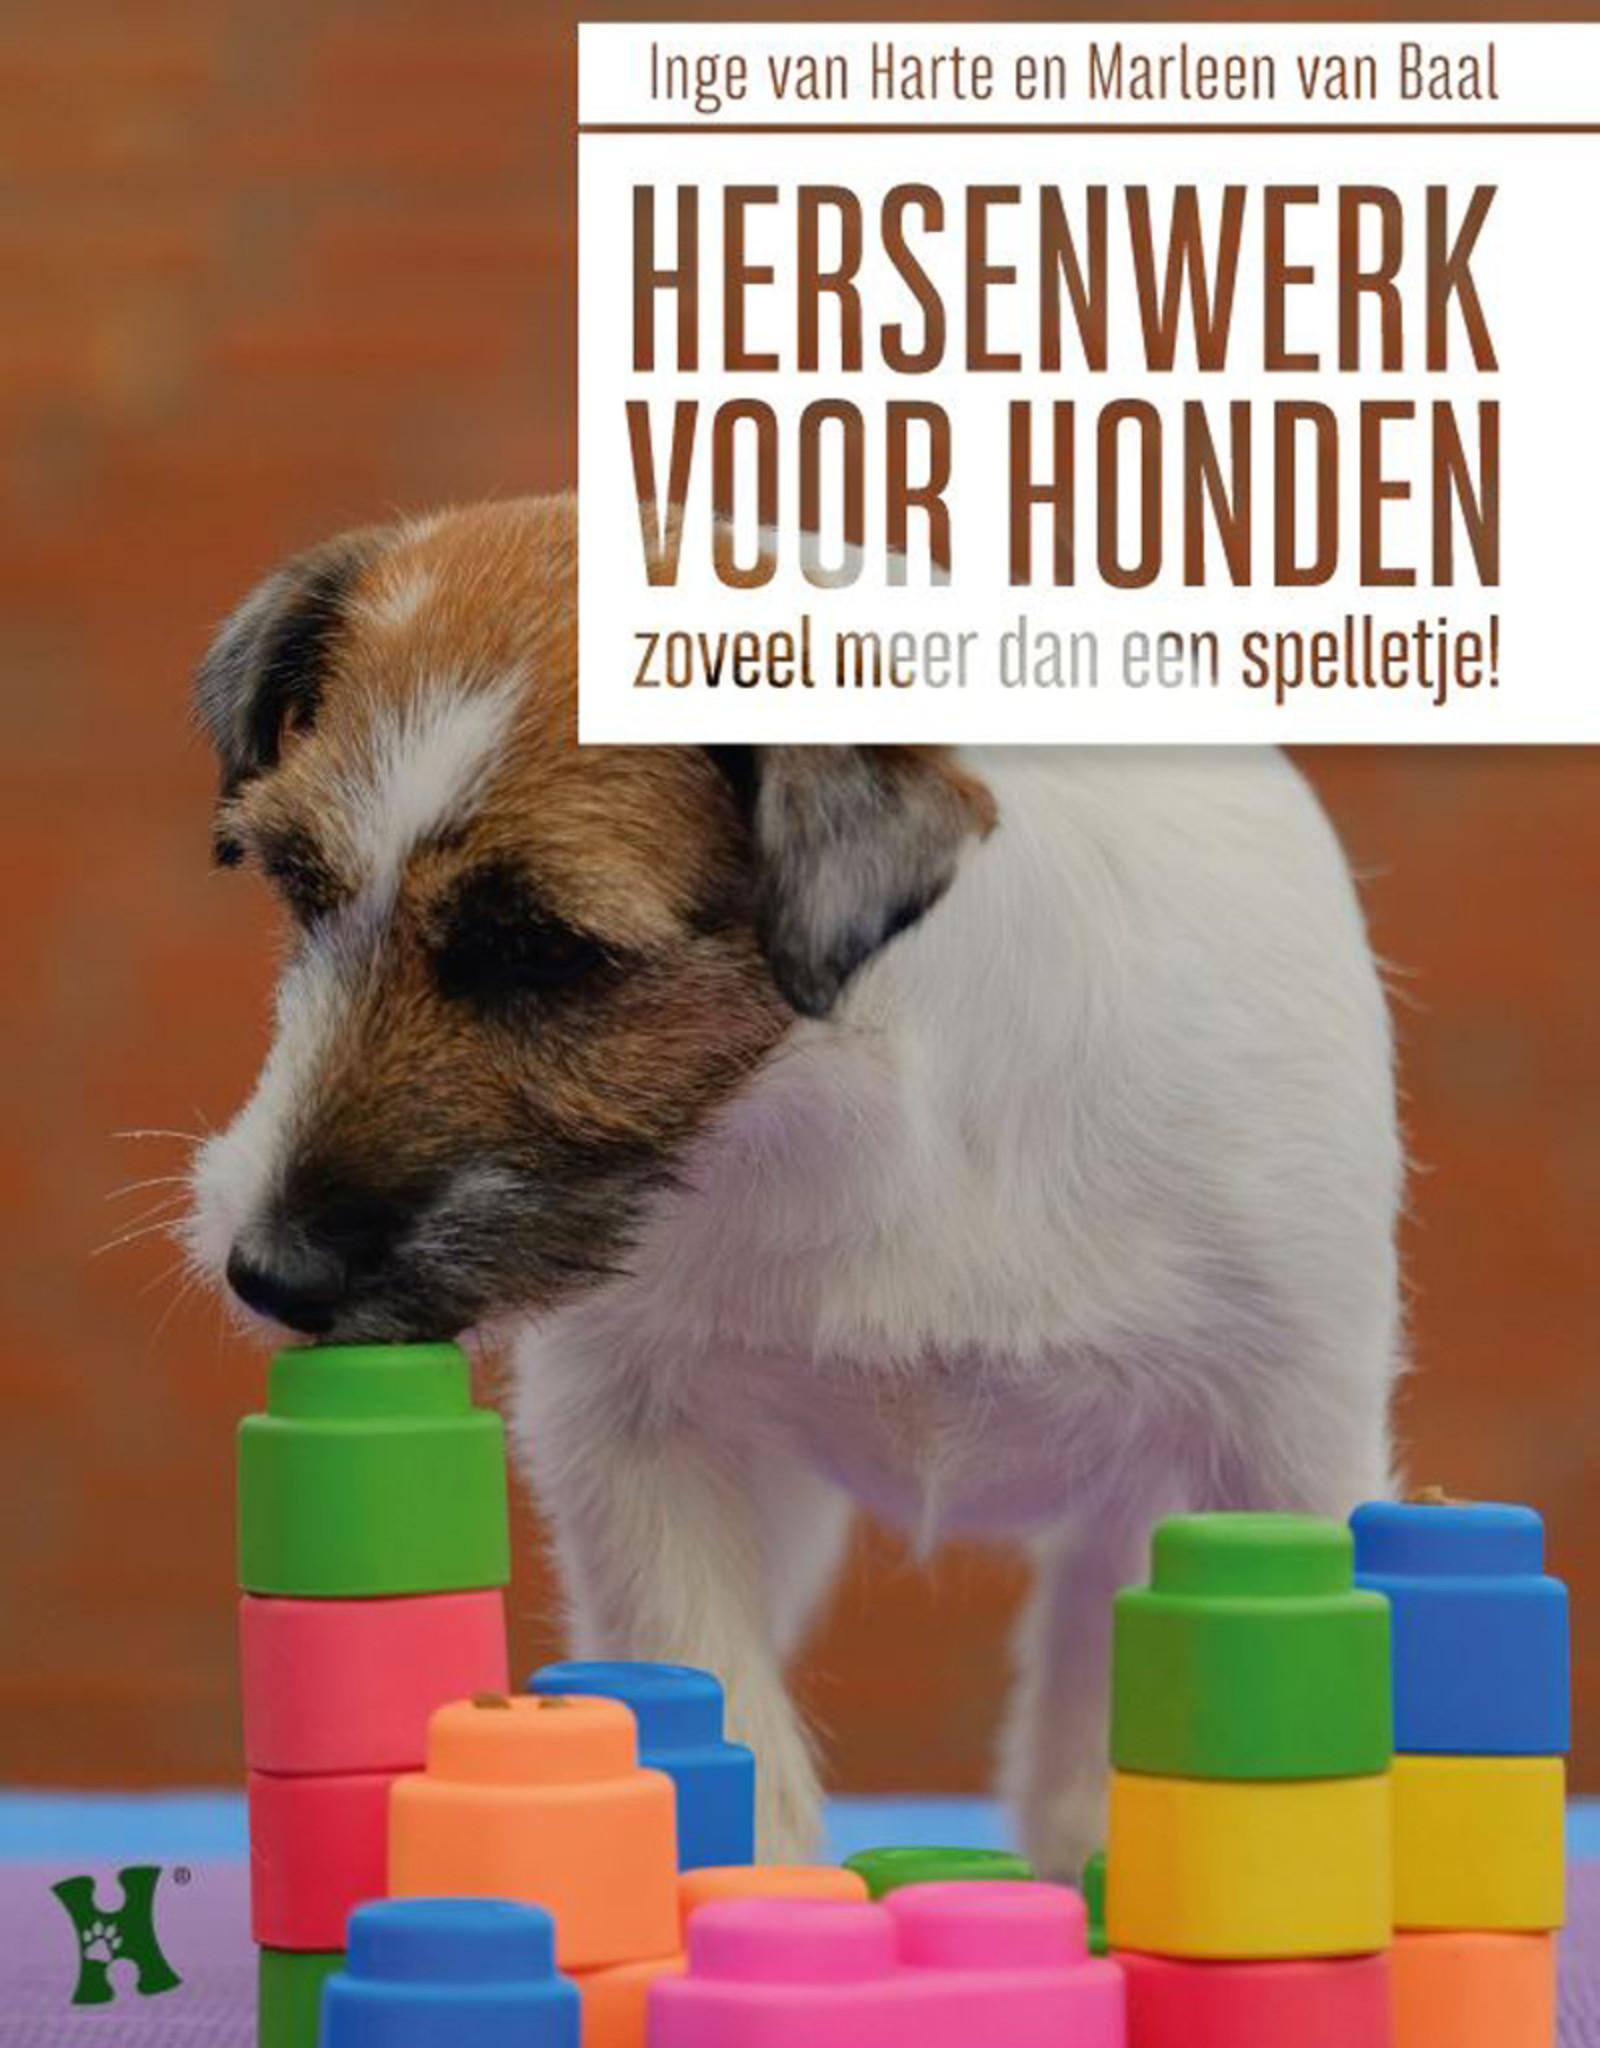 Boek - Hersenwerk voor honden zoveel meer dan een spelletje!